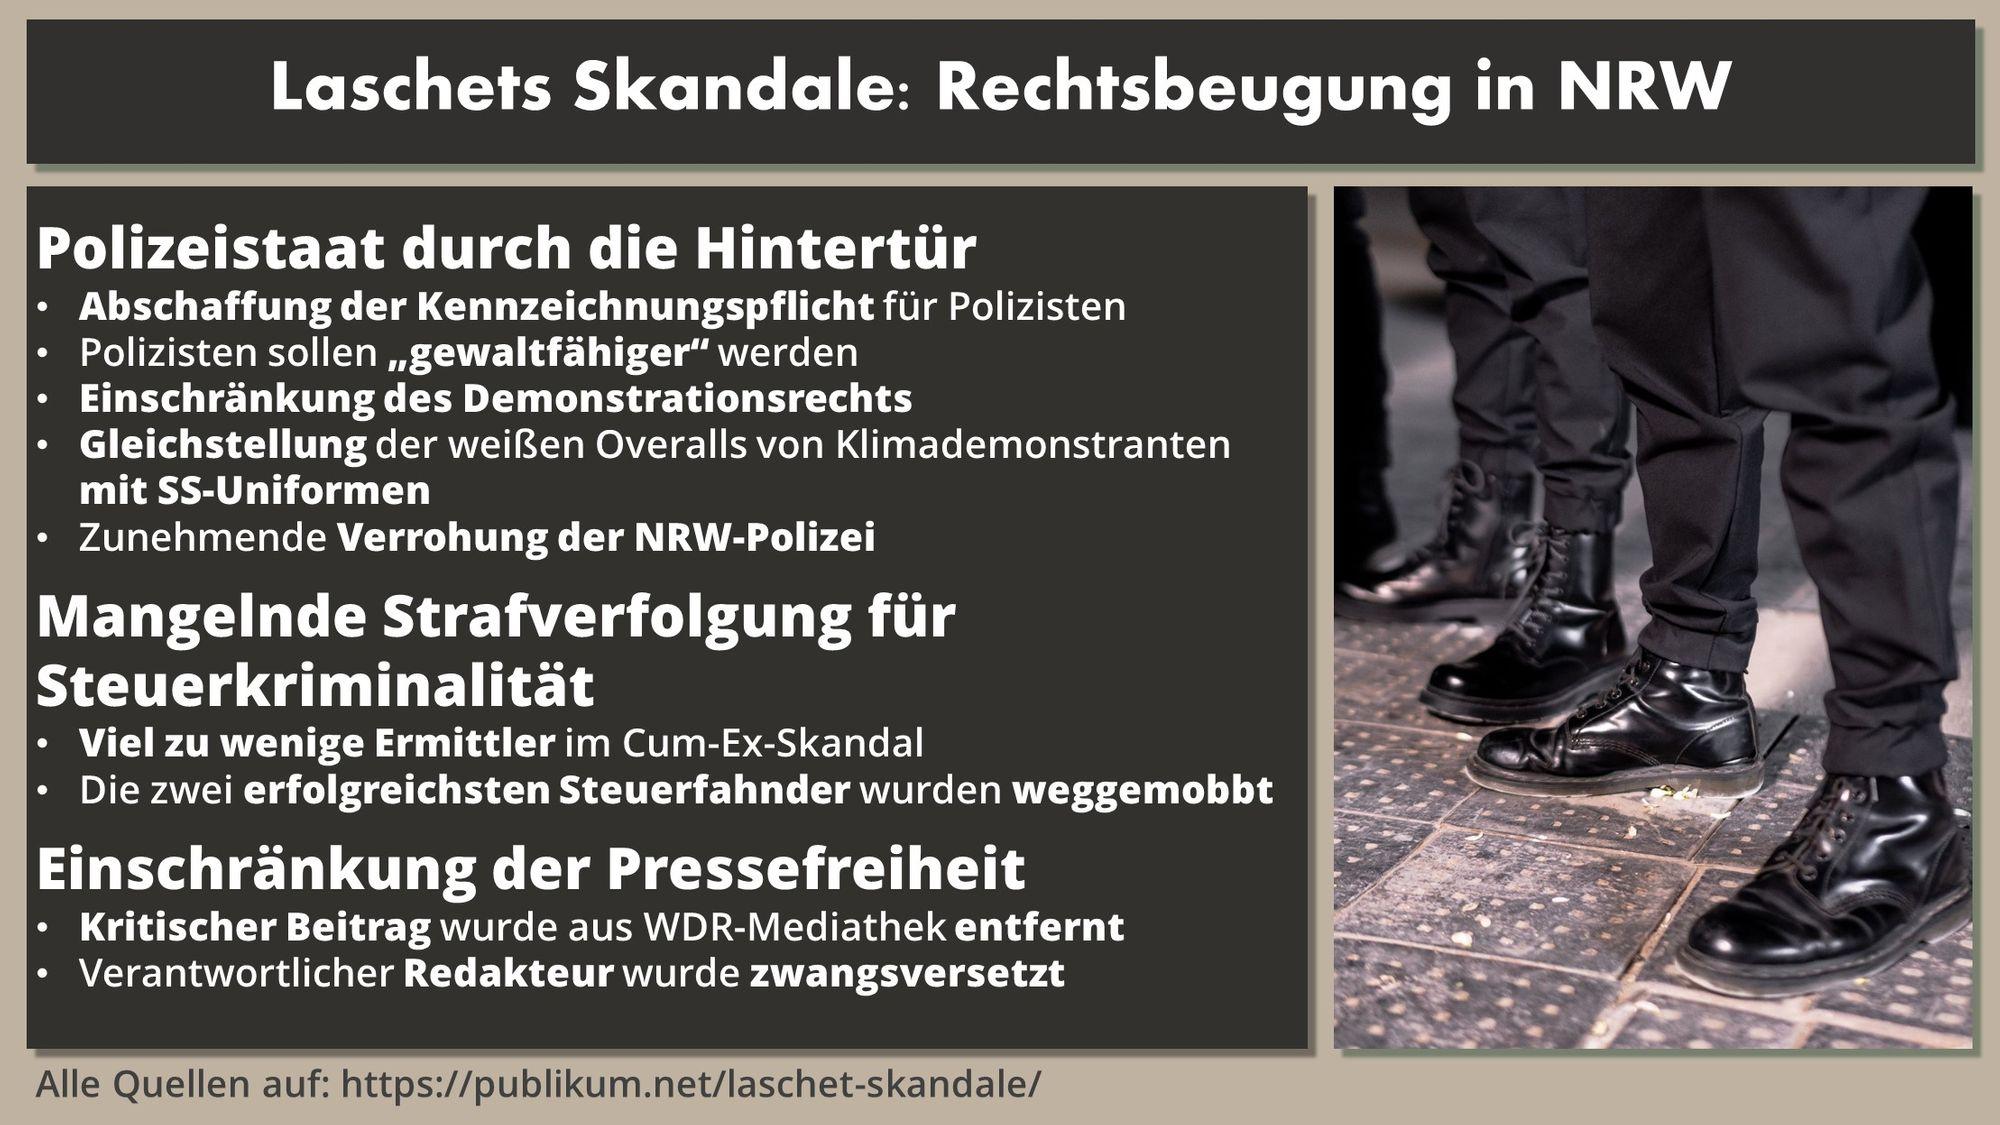 Laschet Skandale Rechtsbeugung